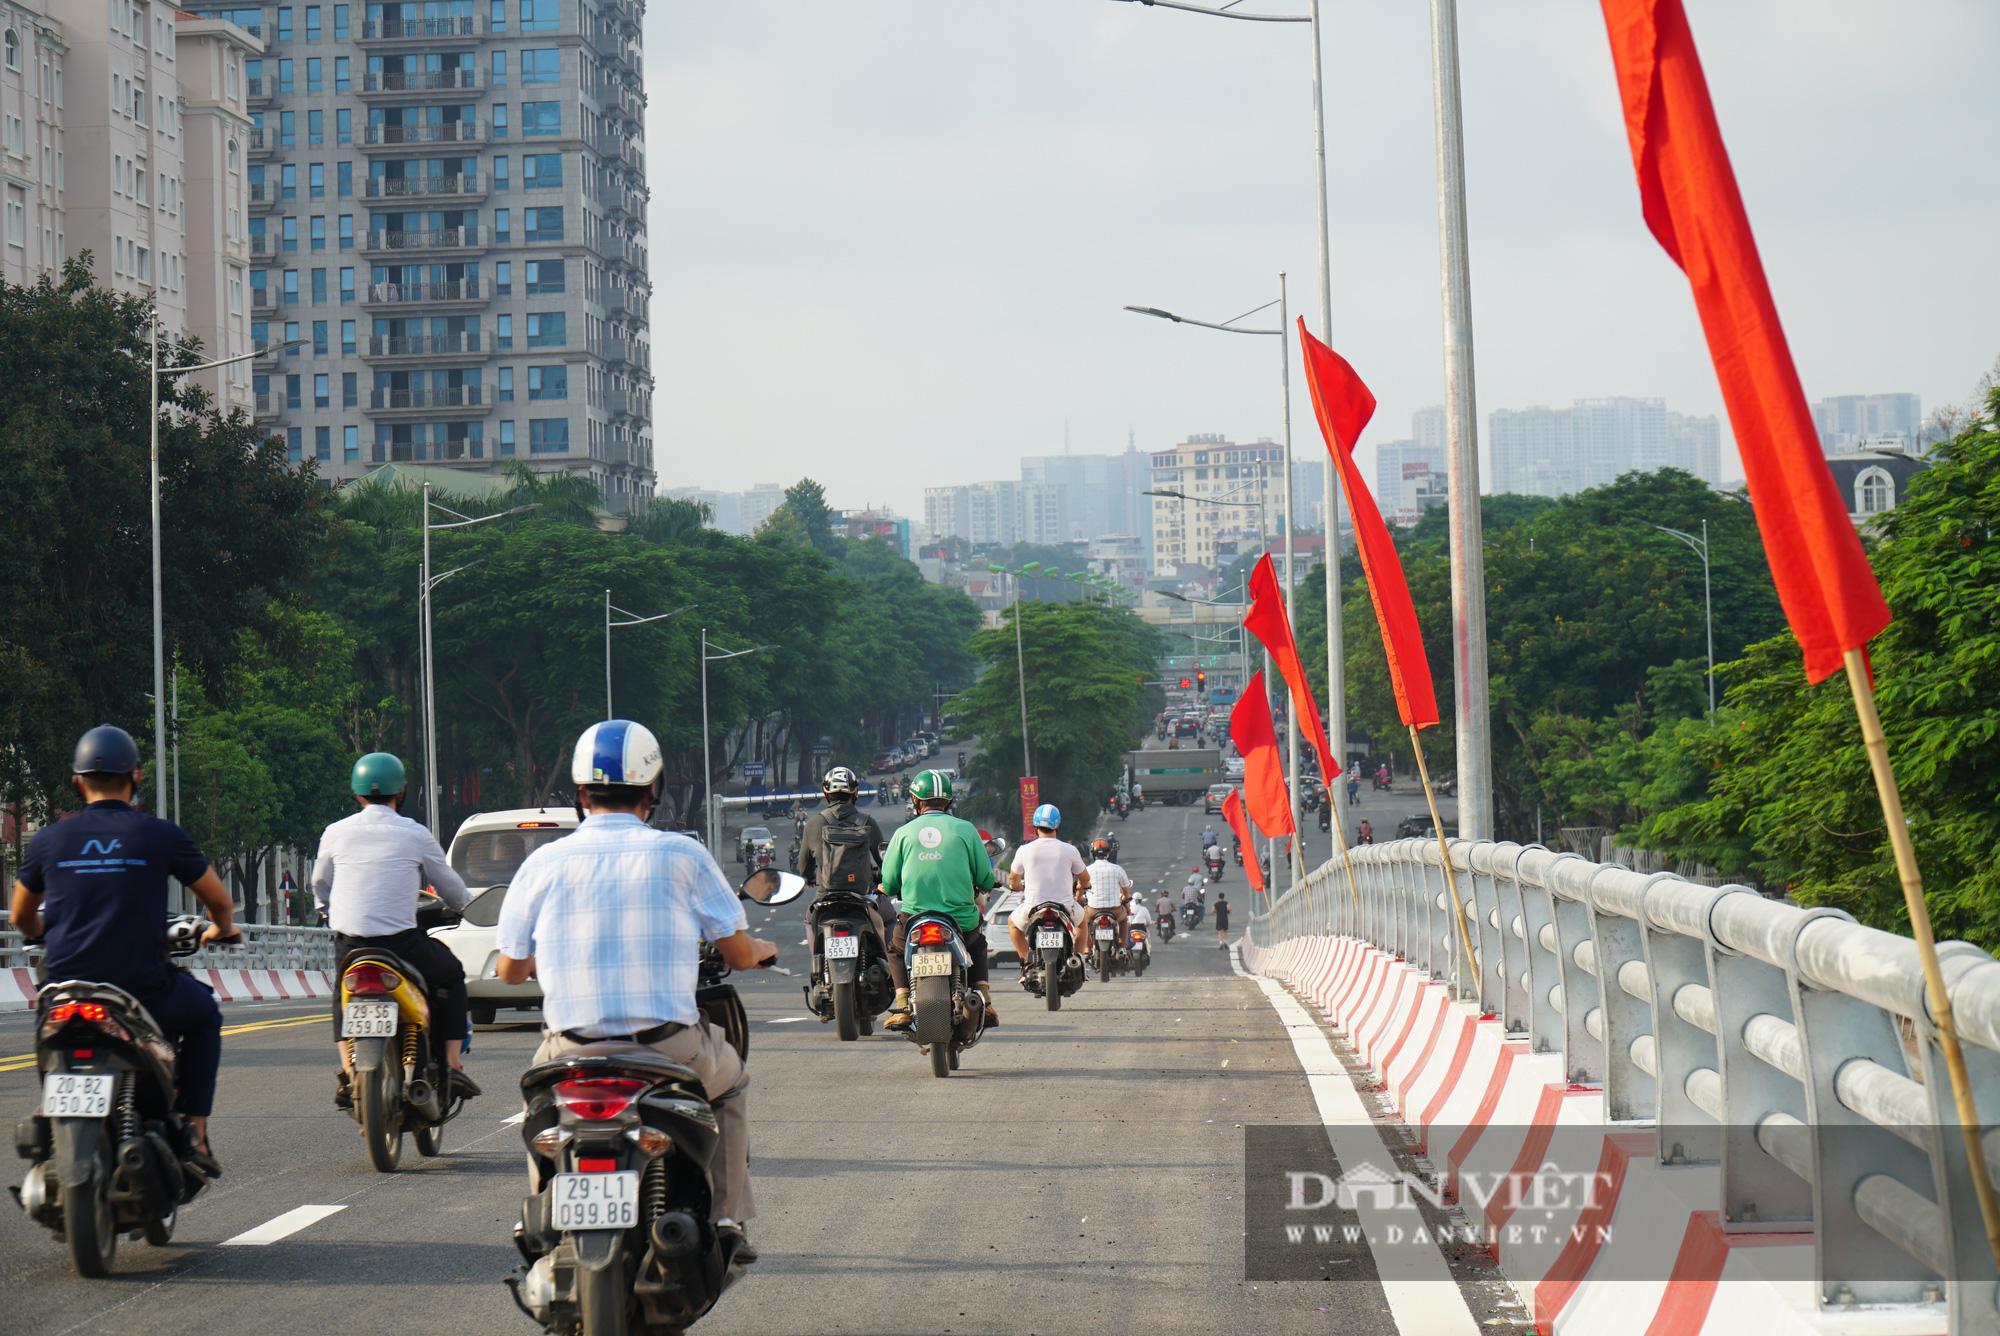 Bí thư Hà Nội dự lễ thông xe cầu vượt Nguyễn Văn Huyên - Hoàng Quốc Việt - Ảnh 8.